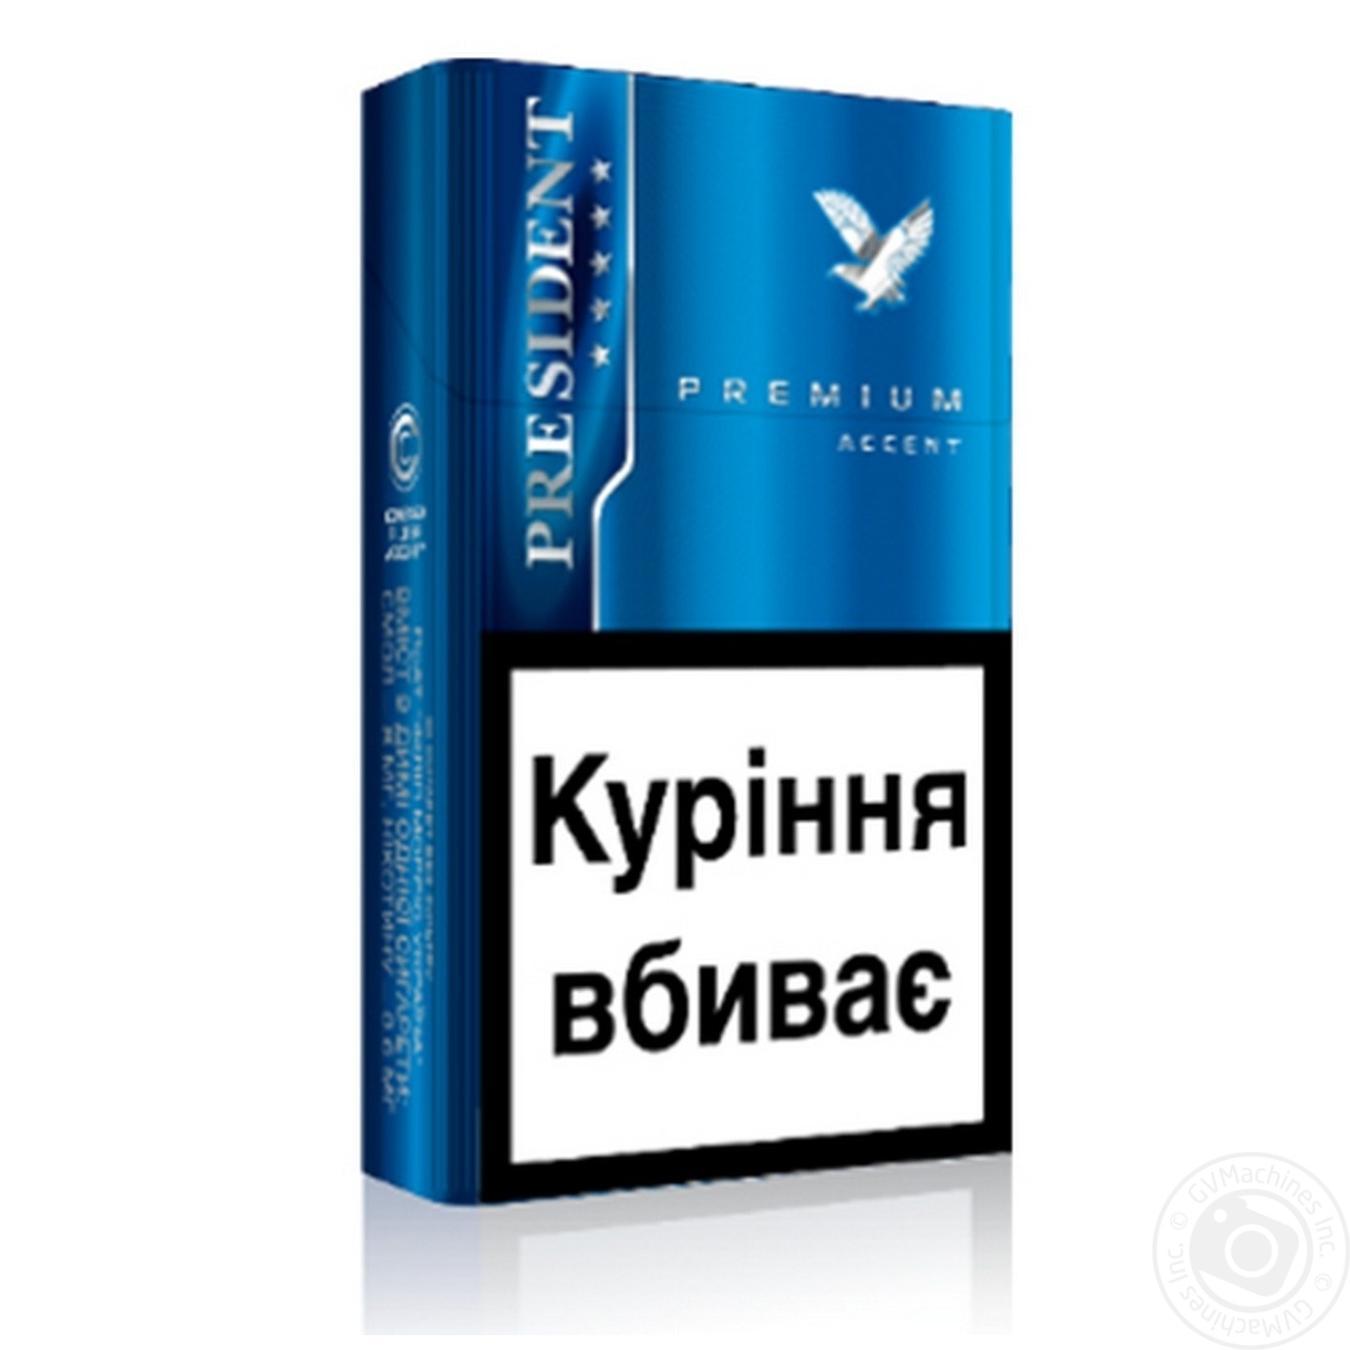 Купить сигареты президент в интернет магазине куплю сигареты оптом от производителя из китая